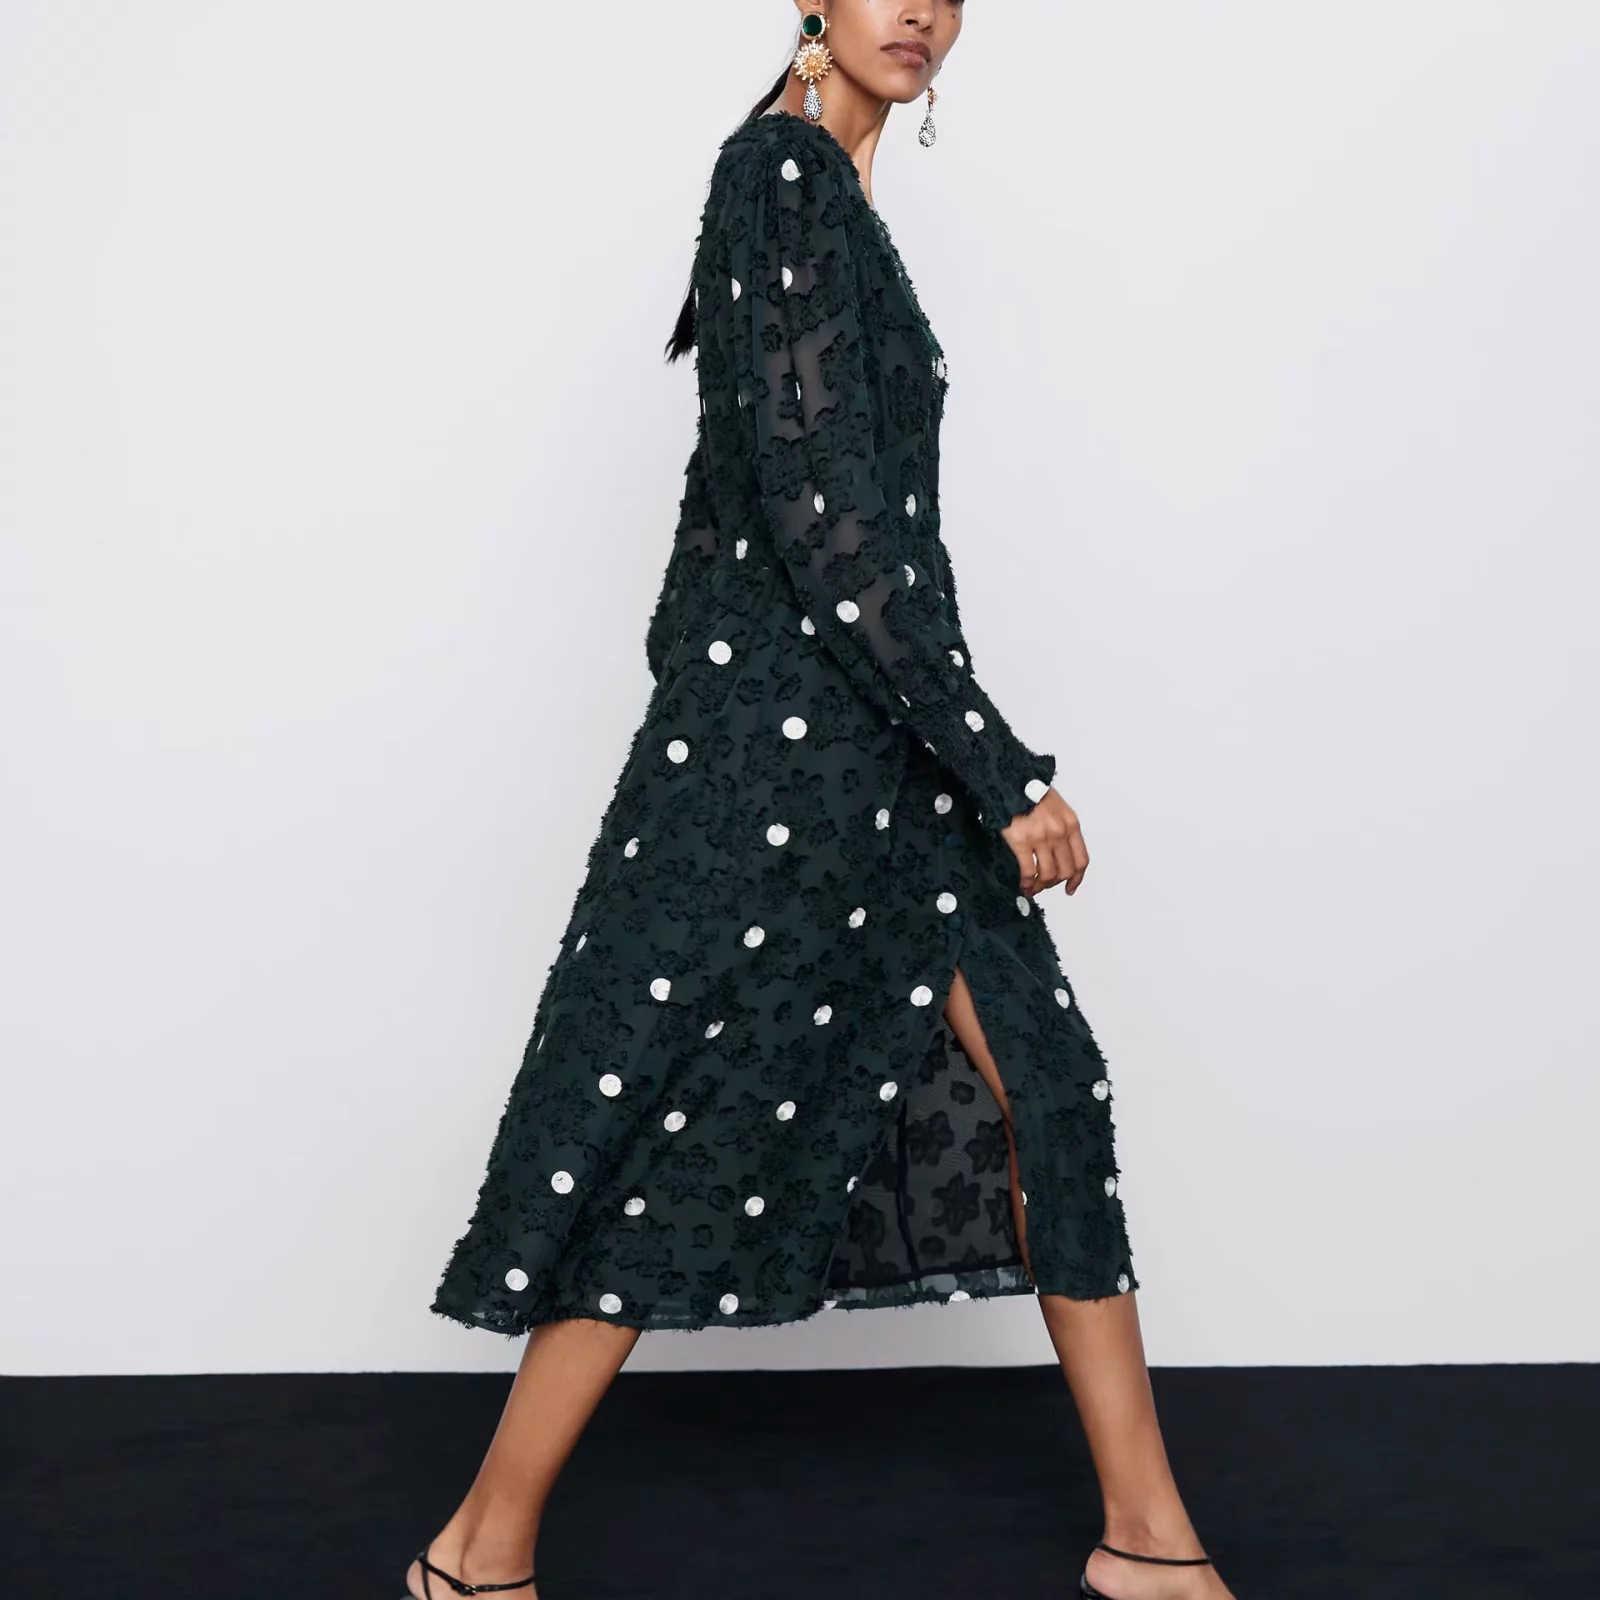 ZA 여성 드레스 2019 그린 자카드 도트 랜턴 슬리브 v-목 세련된 숙녀 슬림 우아한 롱 드레스 여성 드레스